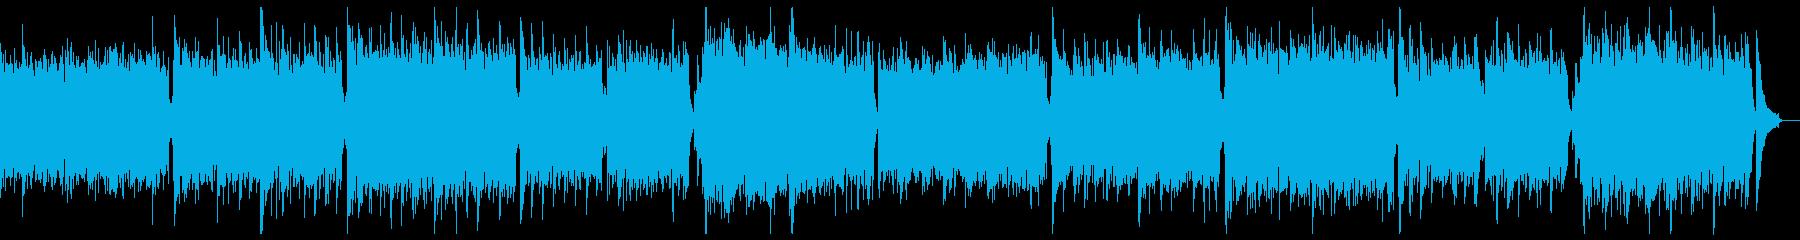 デジタル・未来・知的ピアノ:フルx2の再生済みの波形